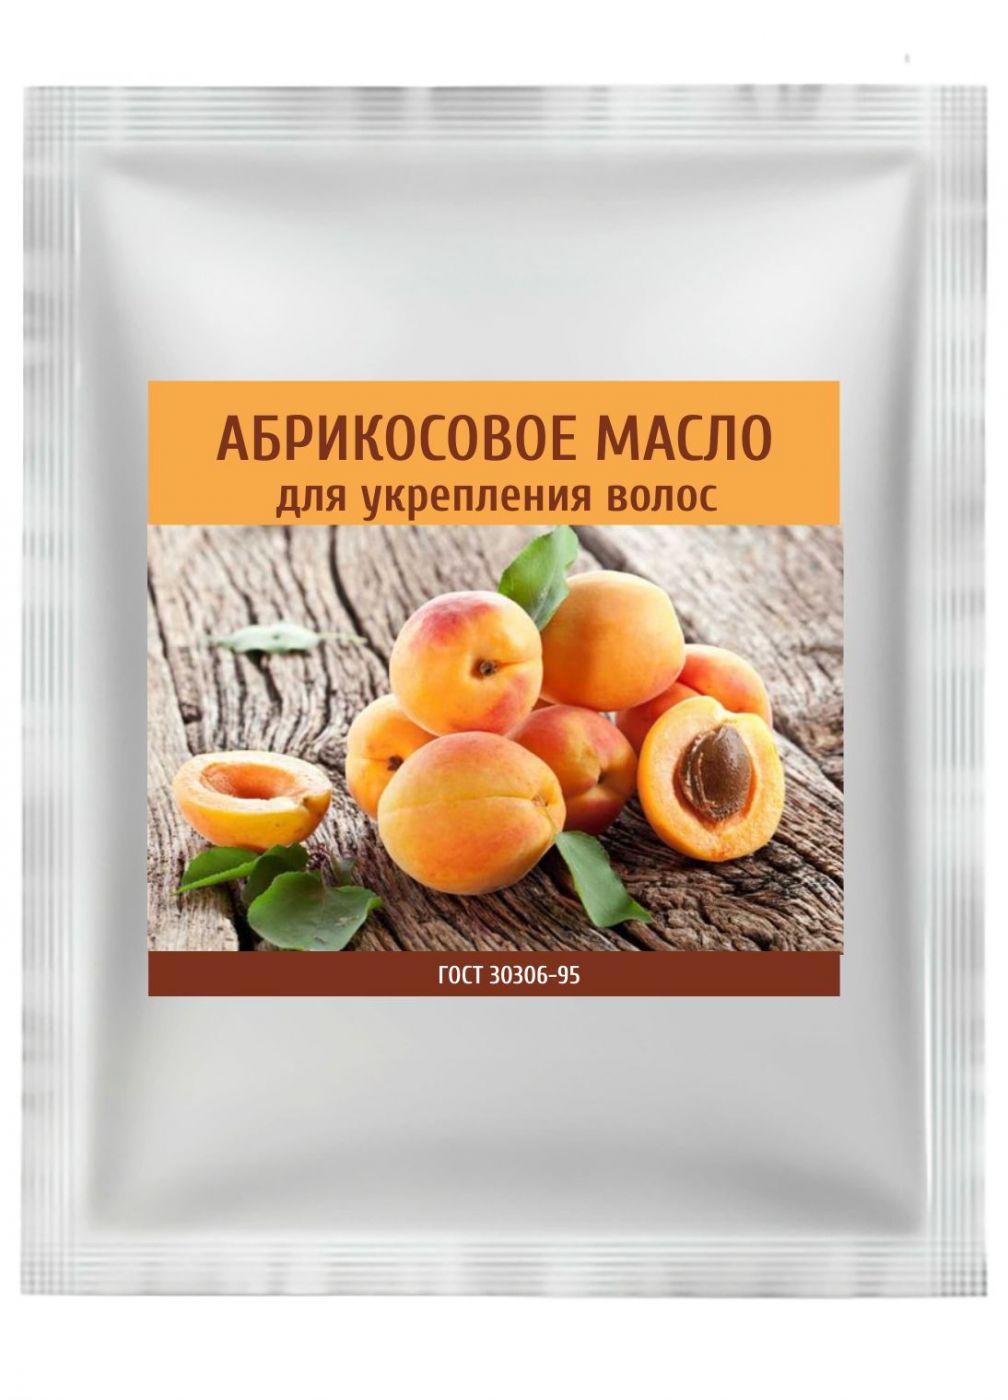 Абрикосовое масло для волос, 10 мл